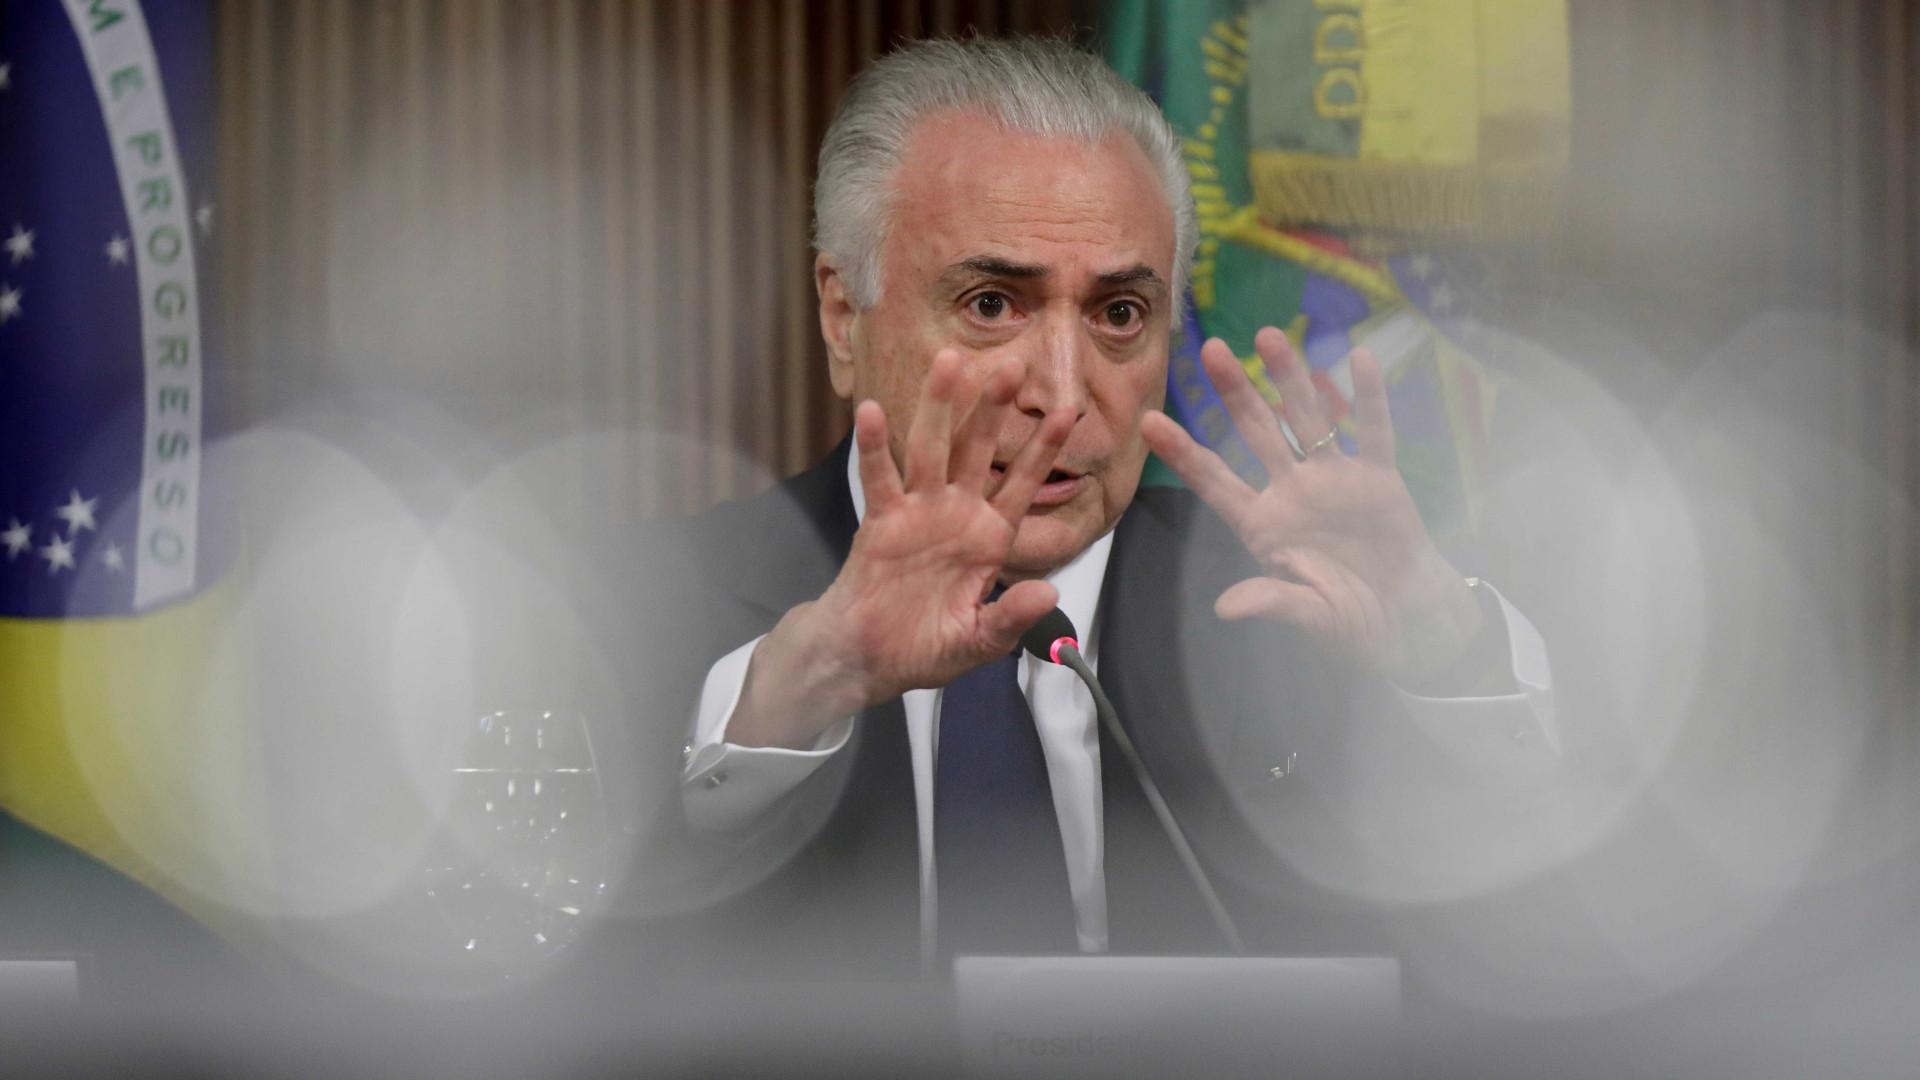 Planalto admite arrependimento sobre divulgação de dados bancários